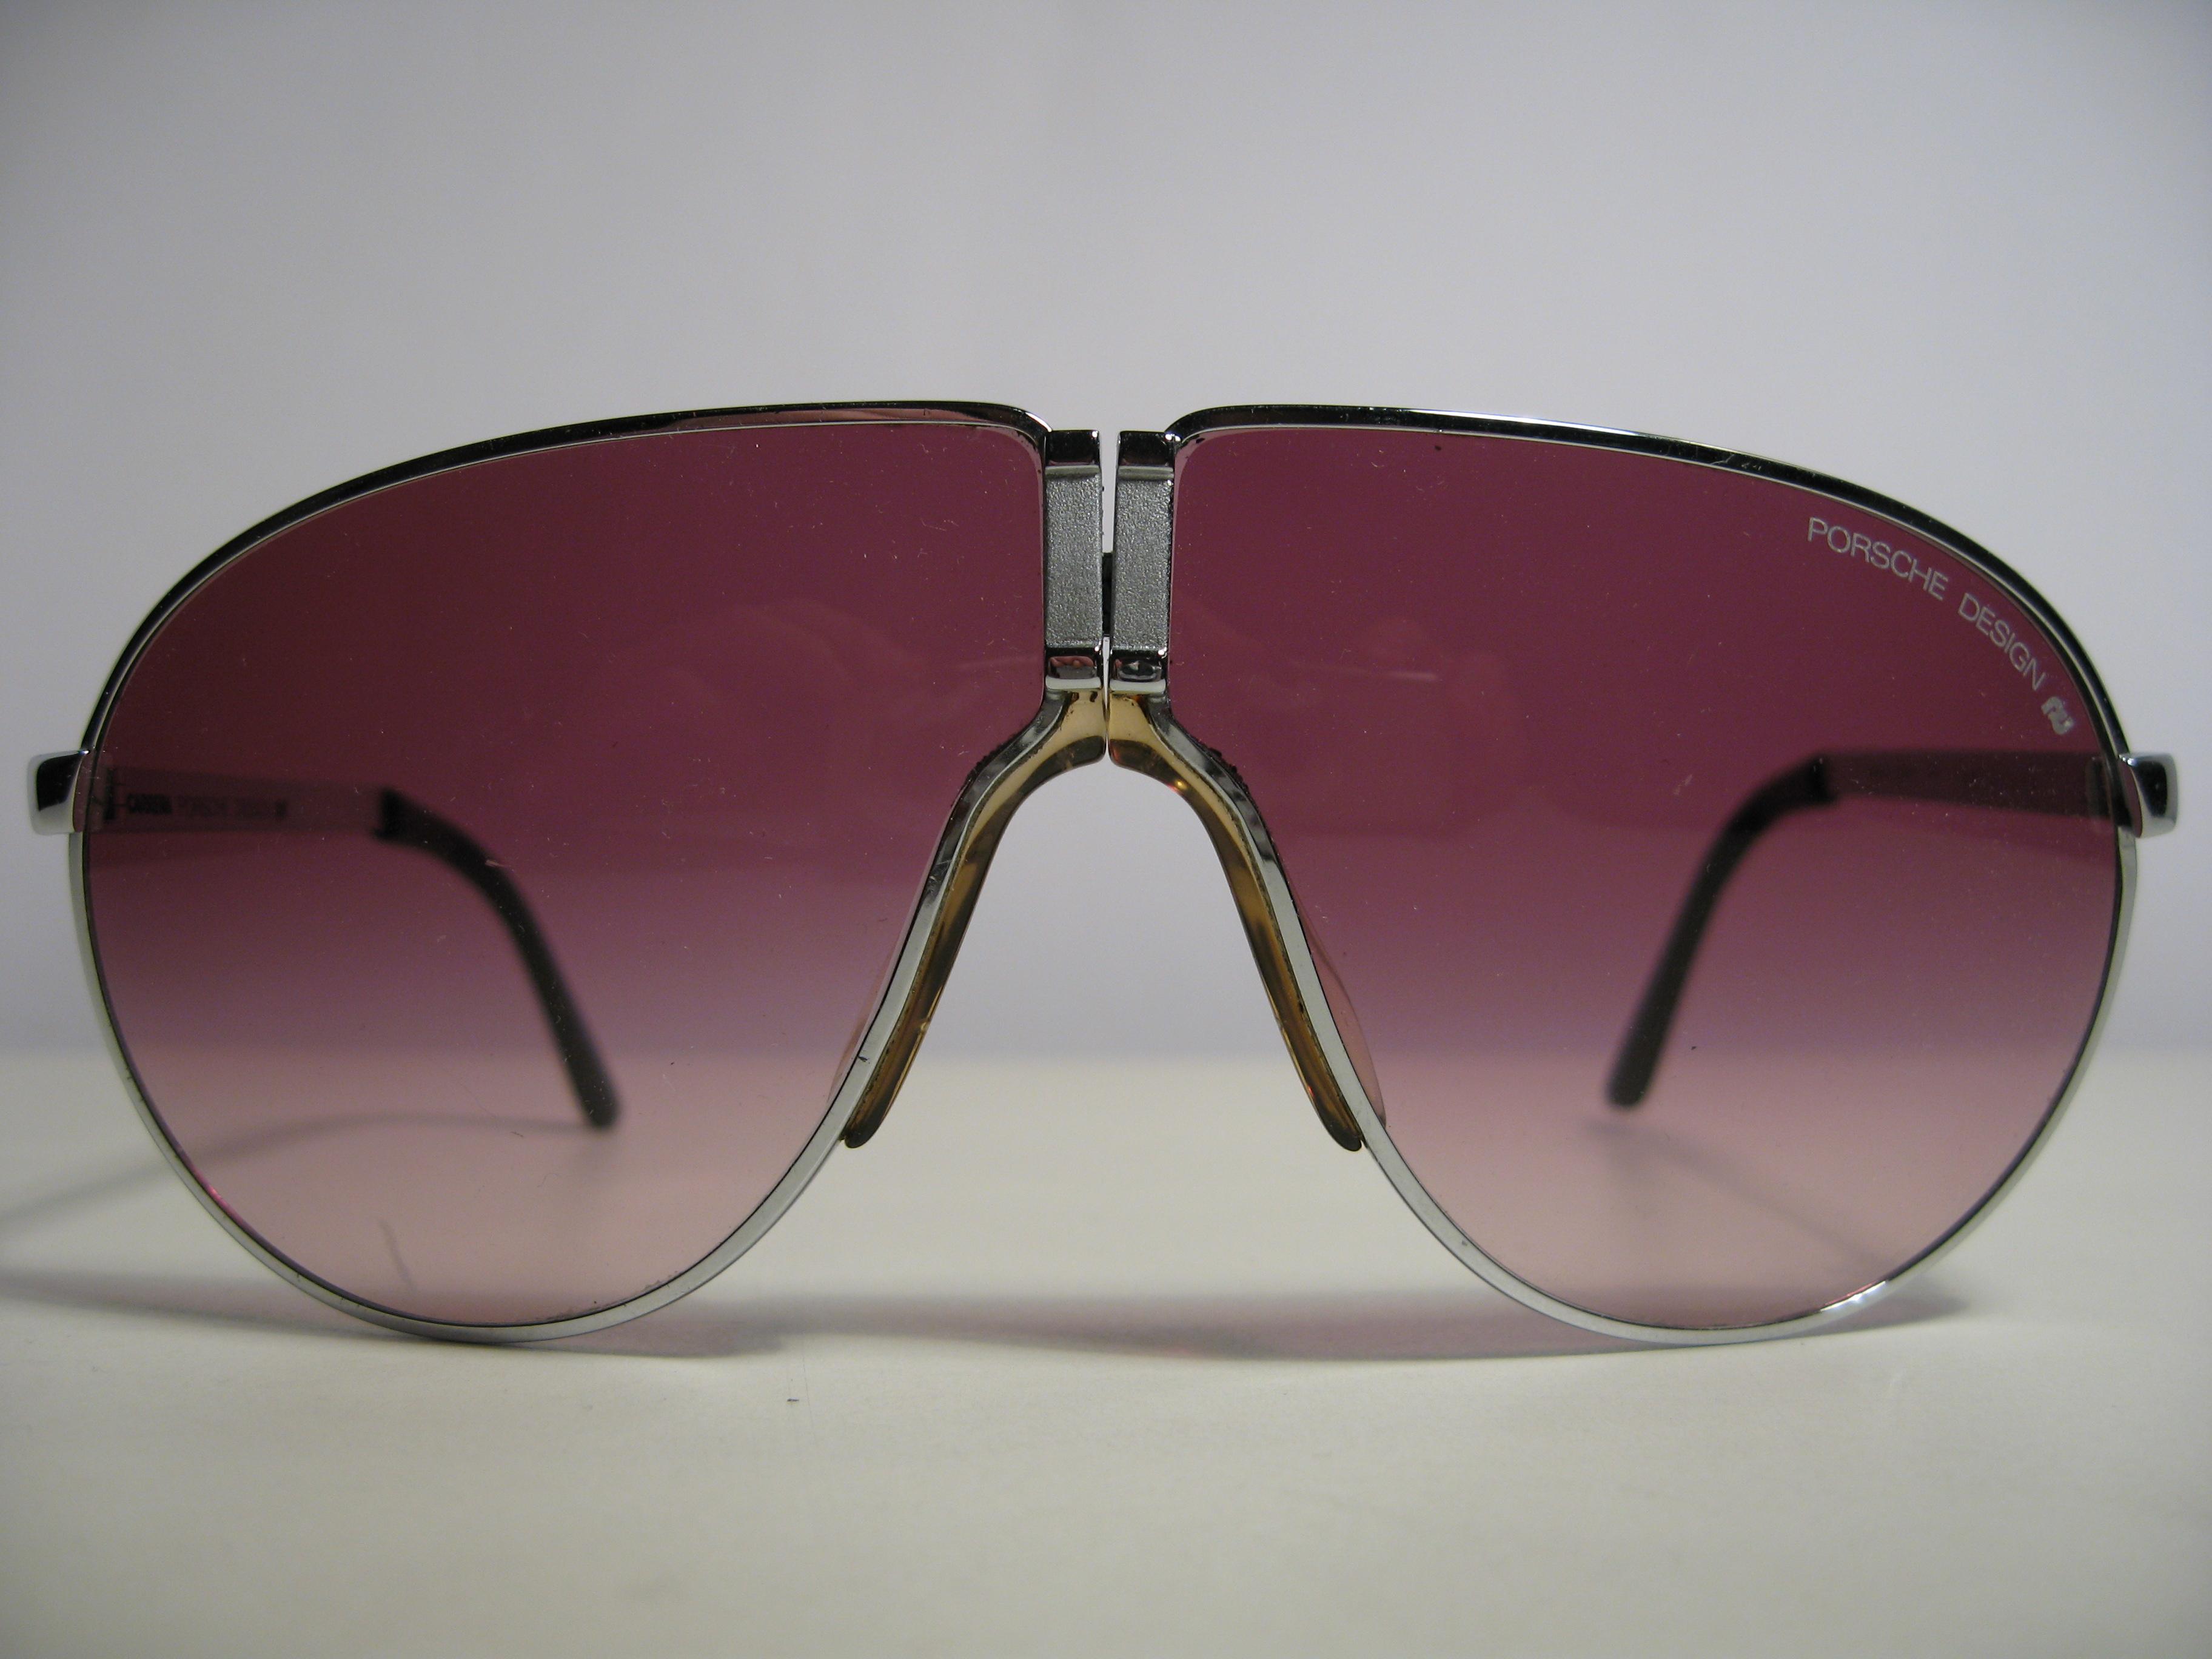 a986d27b1506c Porsche Design by Carrera 5622 folding 1980s Vintage Sunglasses